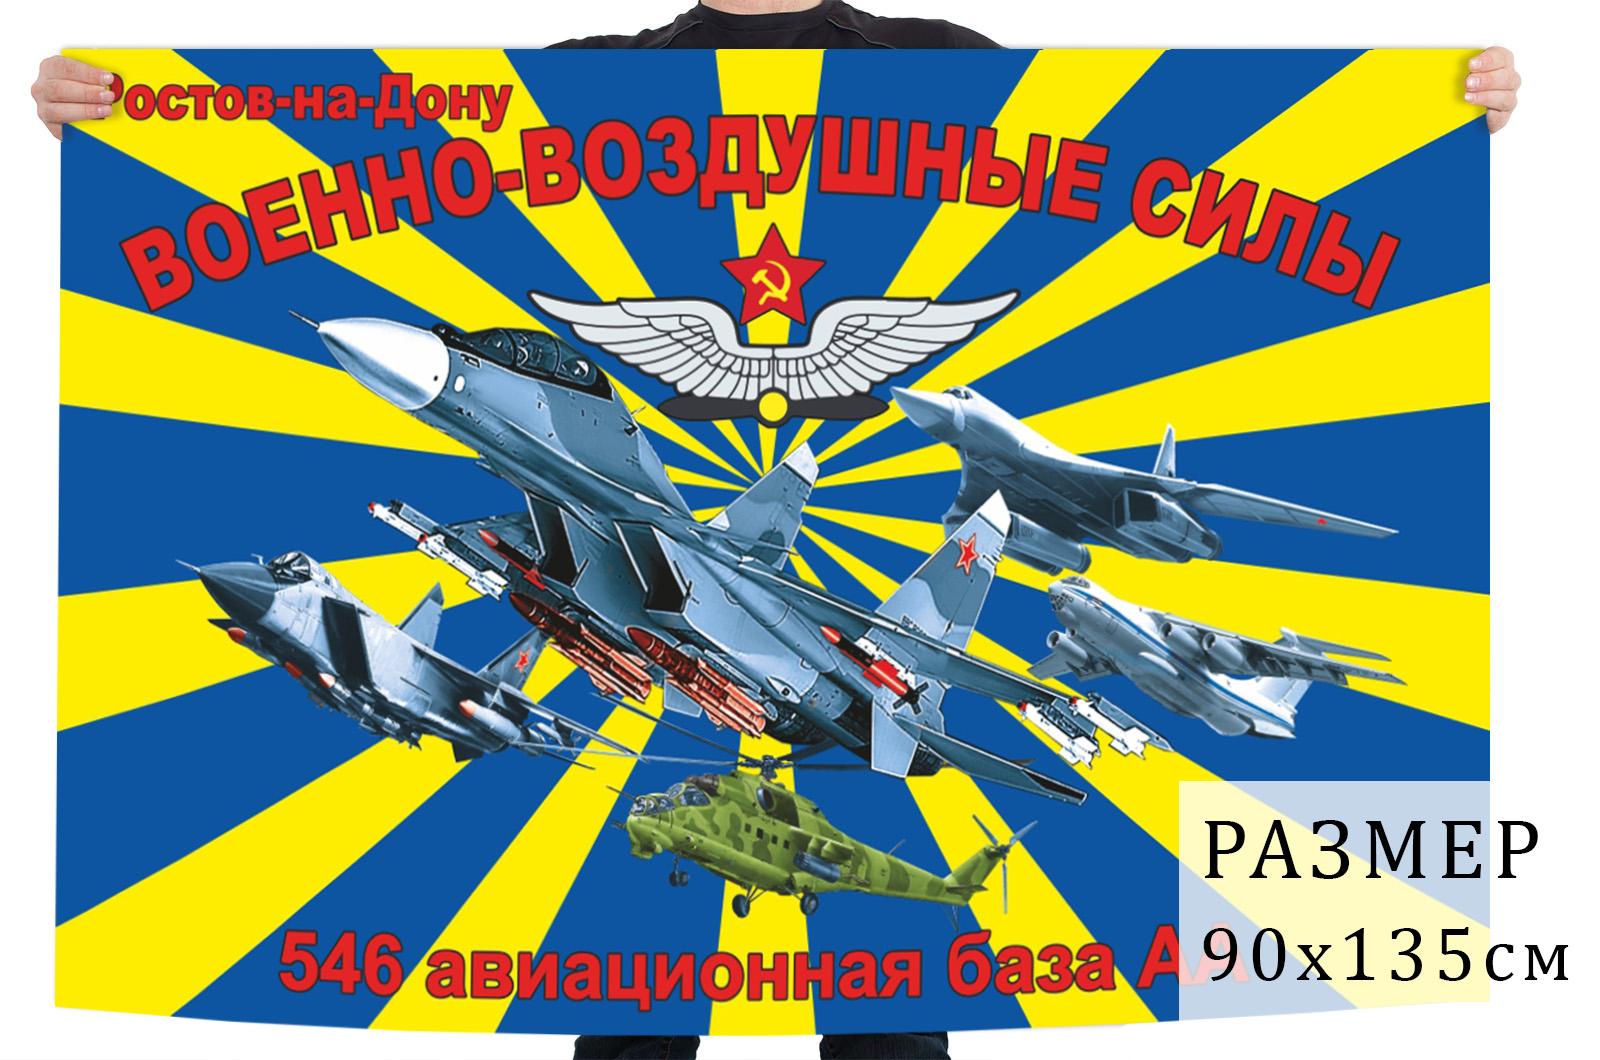 Флаг 546 авиационной базы армейской авиации